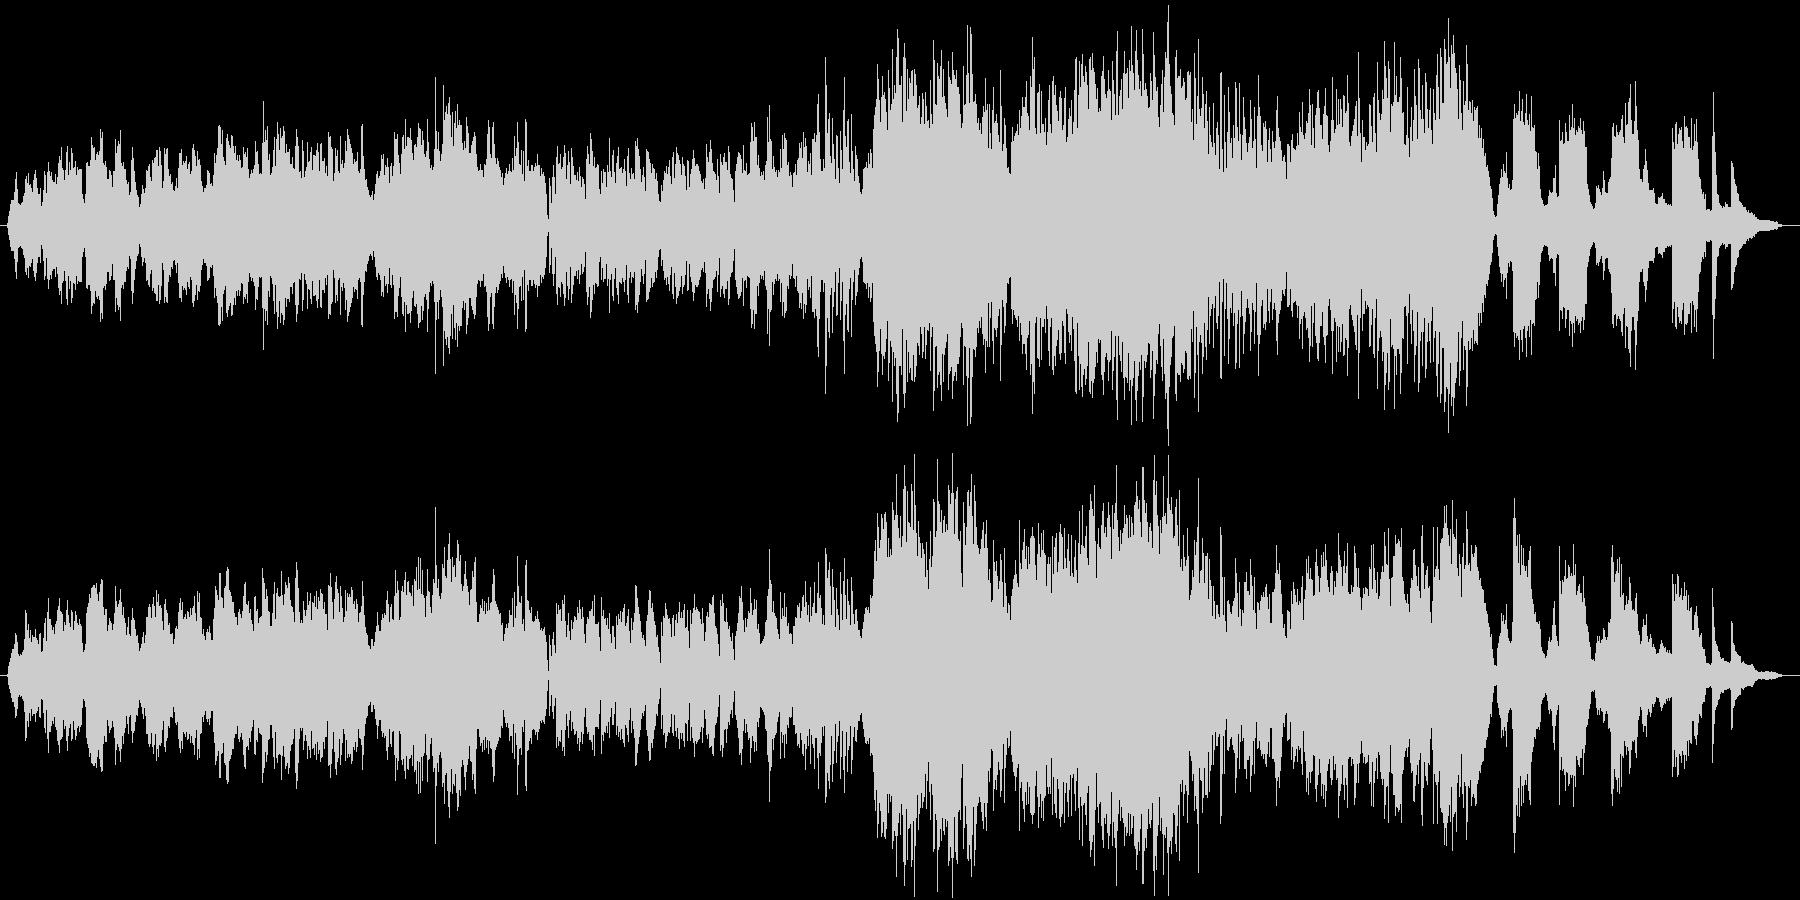 和と情熱の職人/生演奏チェロ/映像の未再生の波形